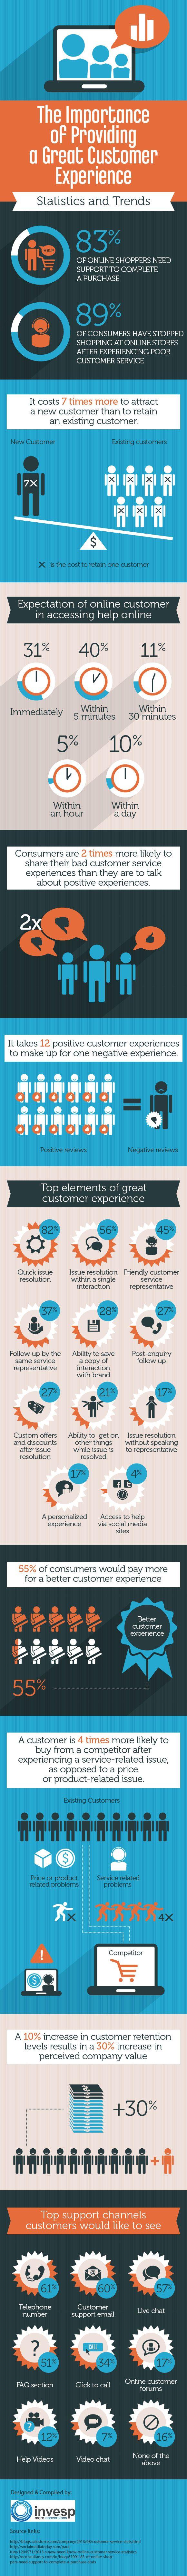 Qué importancia tiene servicio al cliente en la experiencia del ...